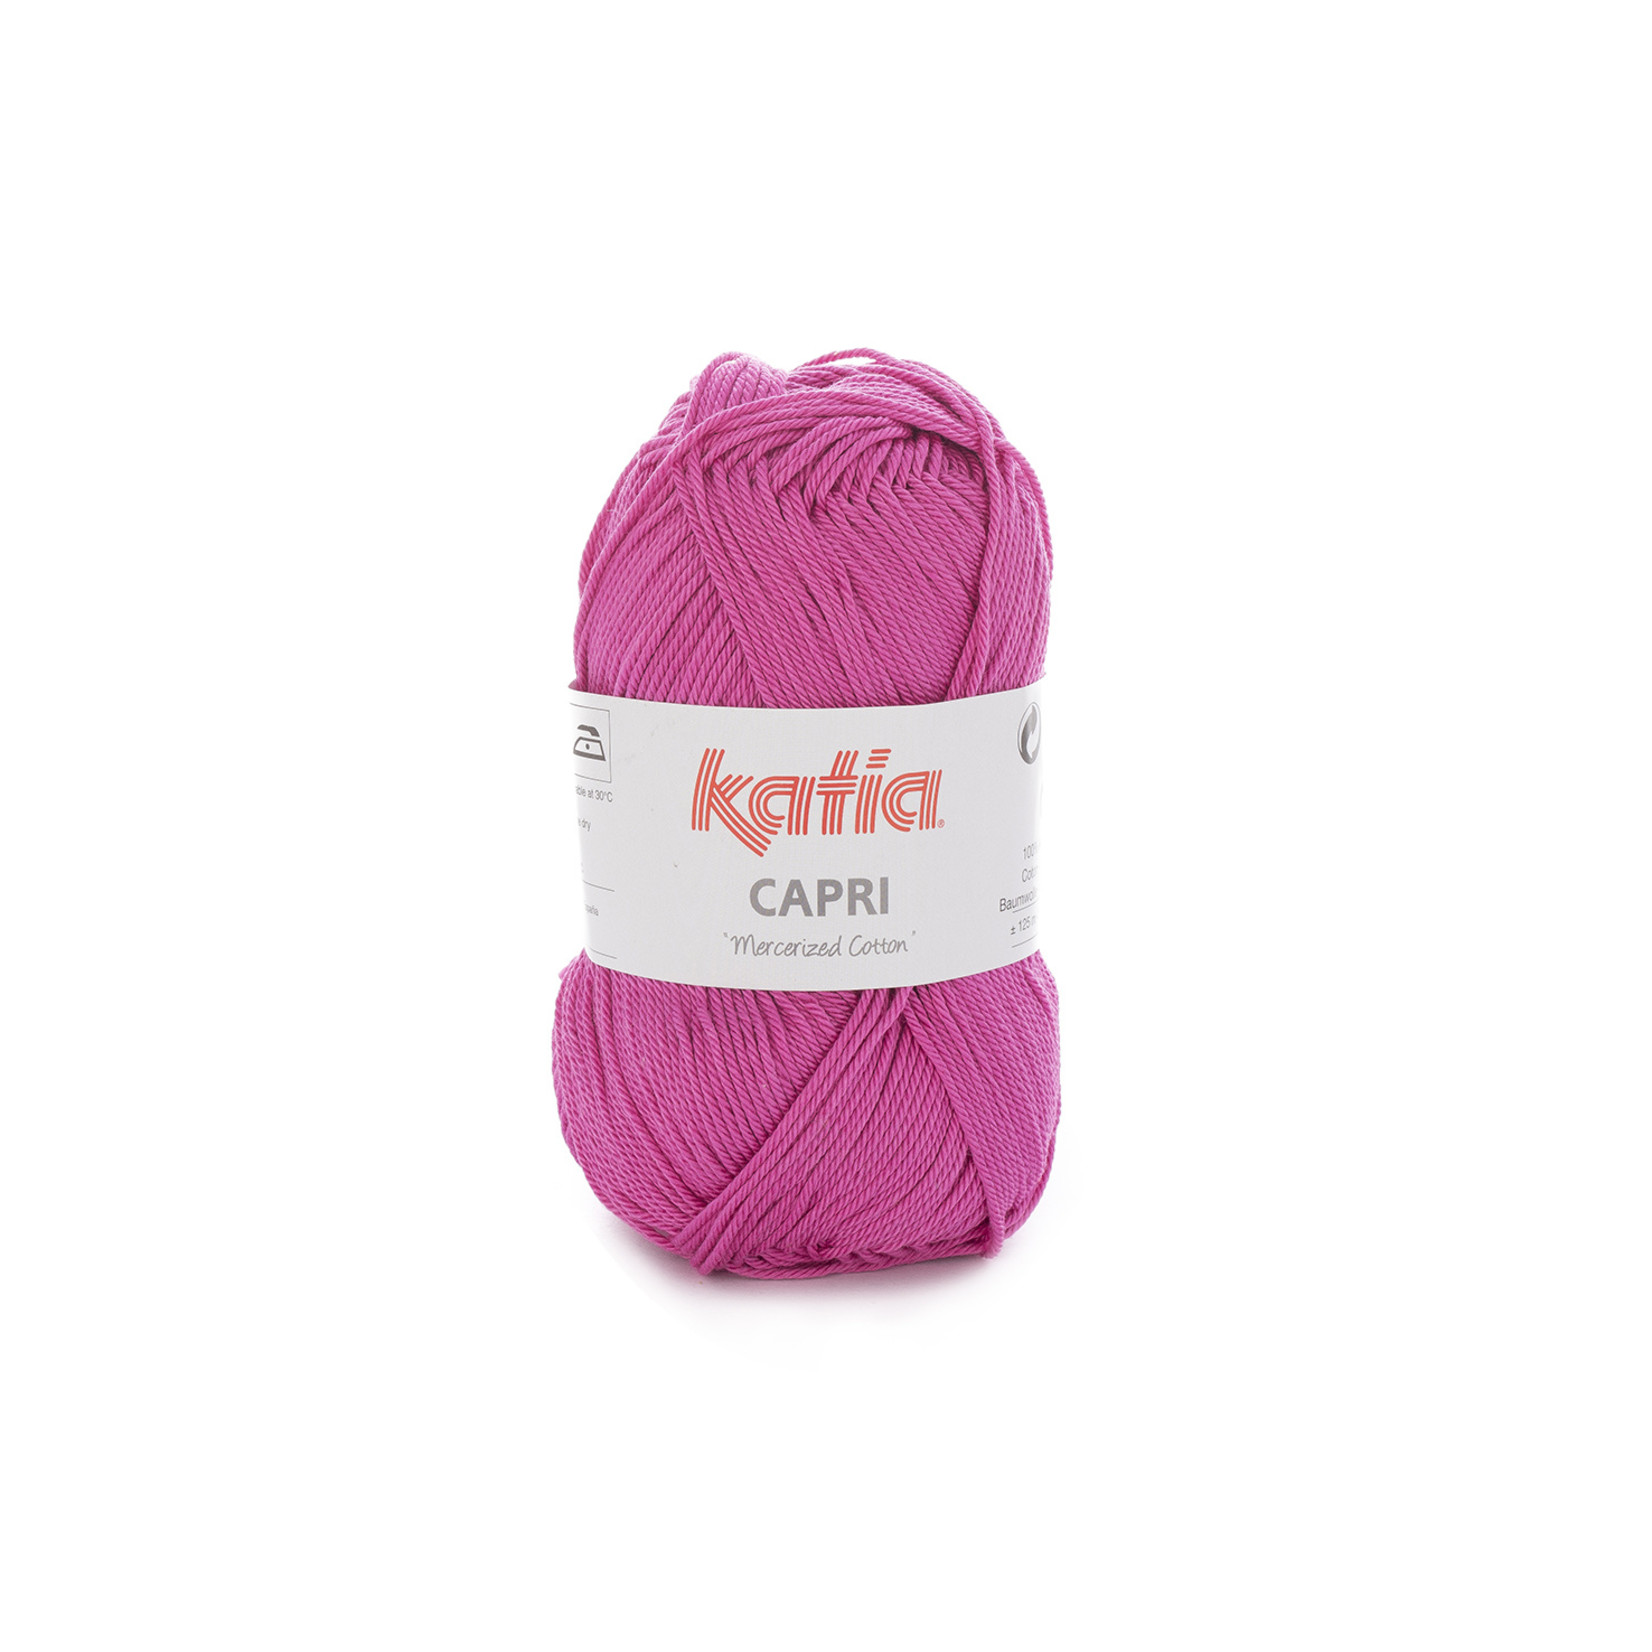 Katia Katia Capri - kleur 138 Licht fuchsia - 50 gr. = 125 m. - 100% katoen